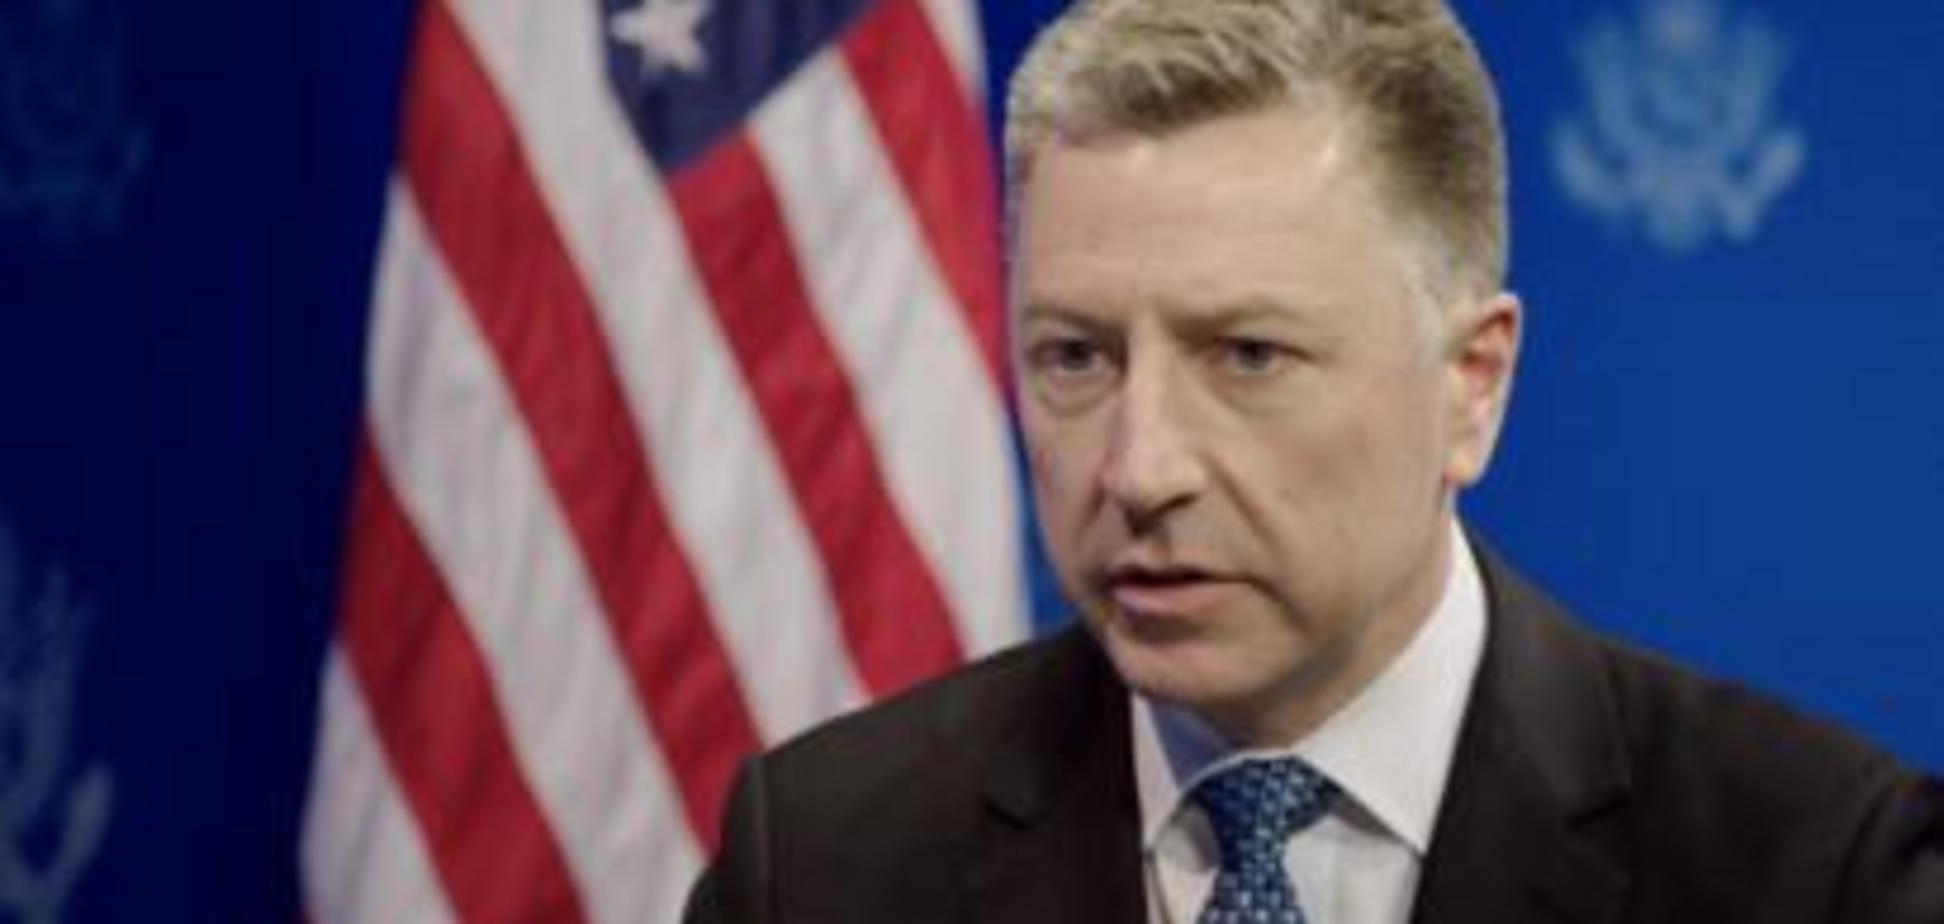 Лучше укреплять государство: Волкер отреагировал на преследование Порошенко украинской властью